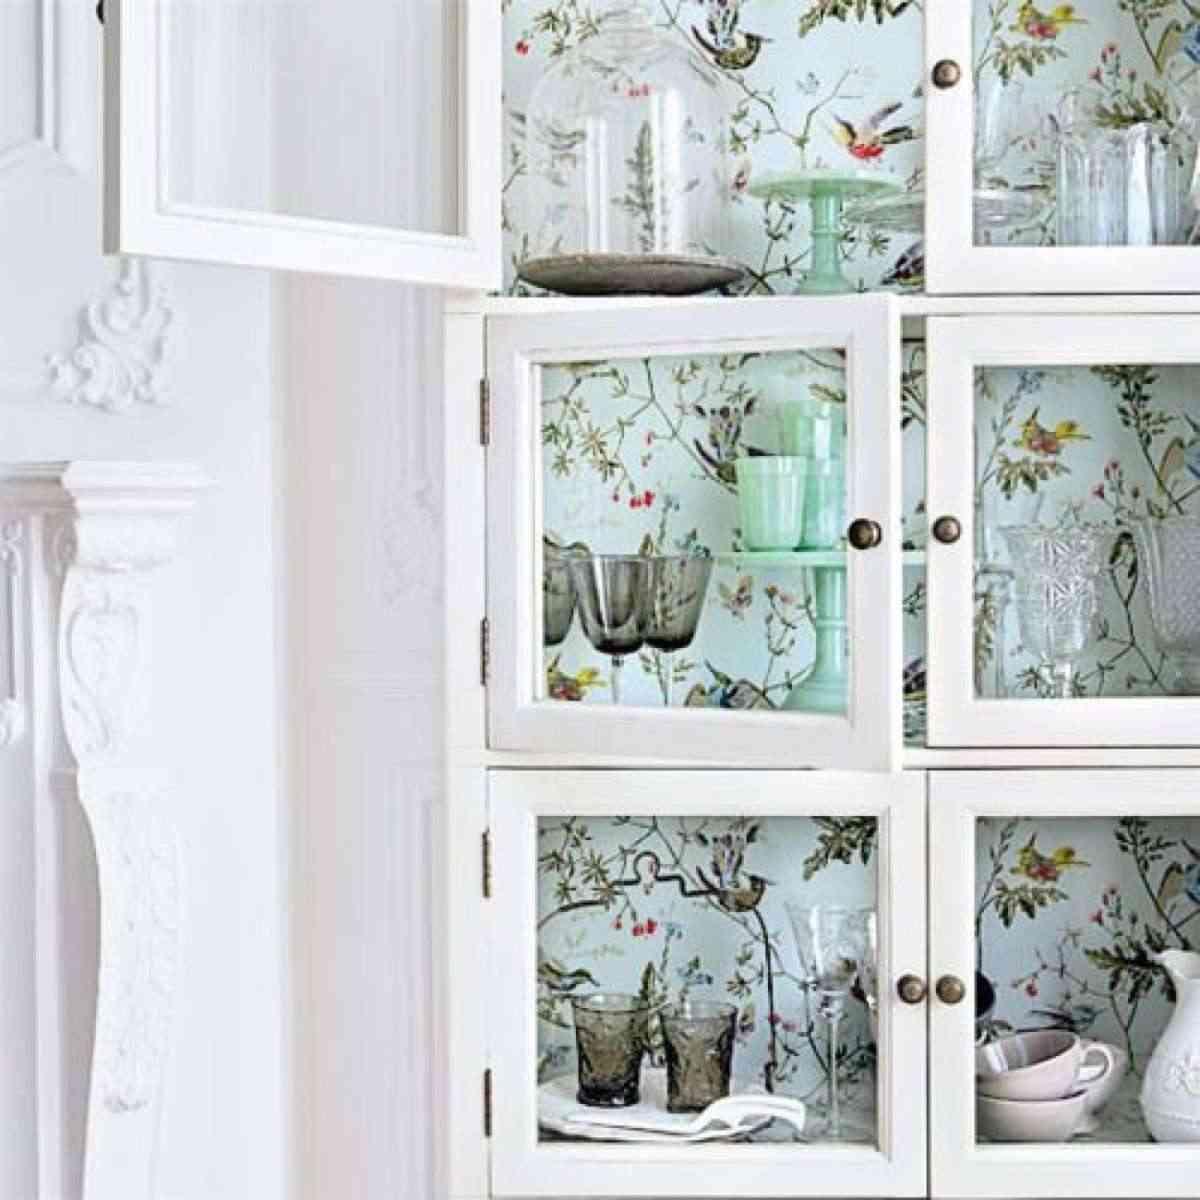 forrar armarios cocina